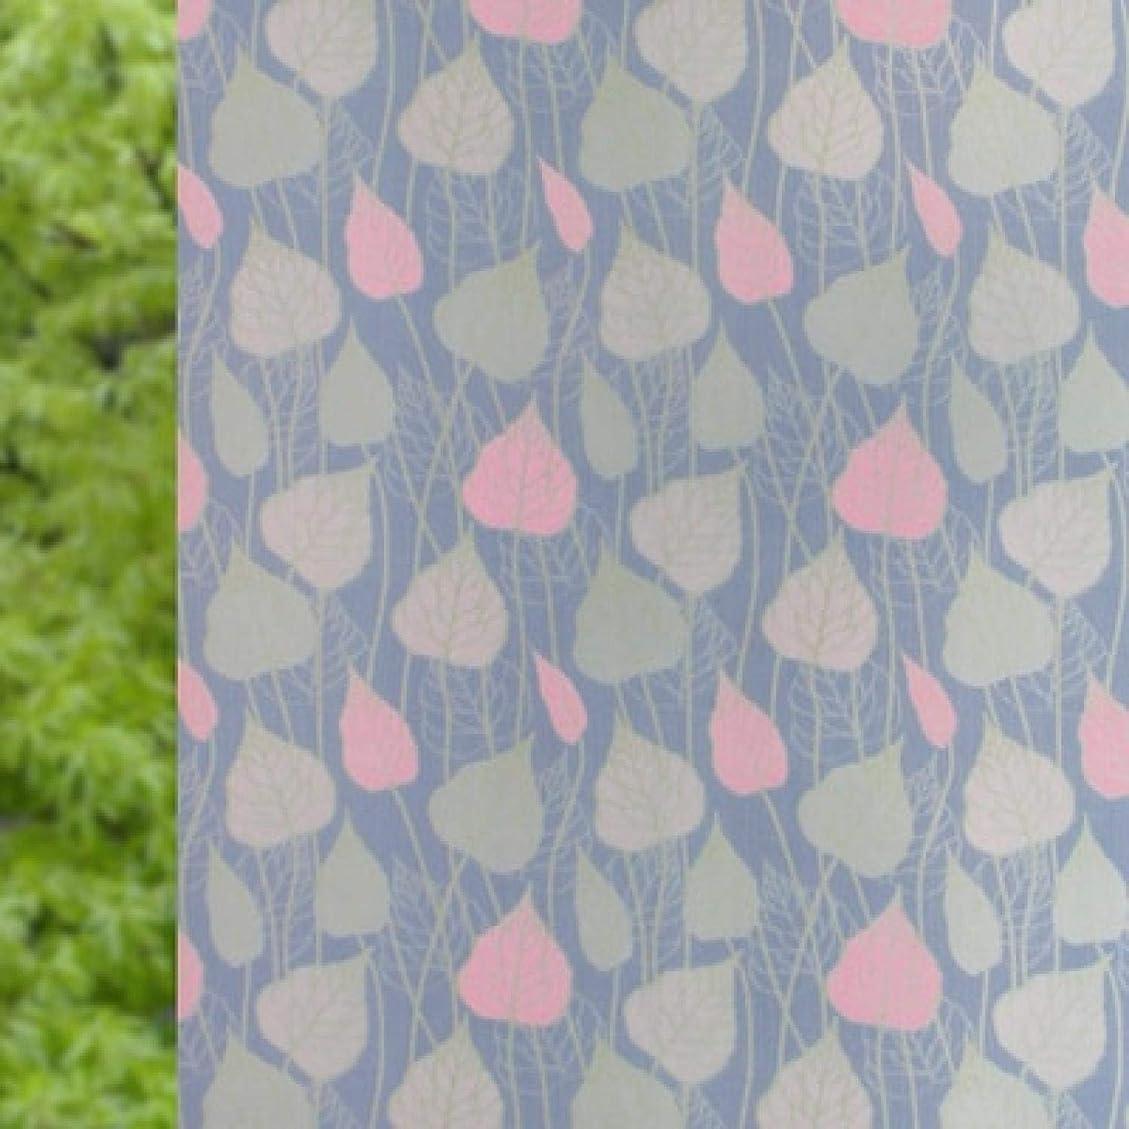 コンバーチブル前奏曲禁止Claresnce DIY ホームデコレーション ガラスステッカー ウィンドウフィルム ロング 自己粘着フィルム ウィンドウフィルム 曇りガラス スライドドア バスルーム ウィンドウステッカー 半透明 不透明 ホームデコ 幅17.7 x 長さ35.4